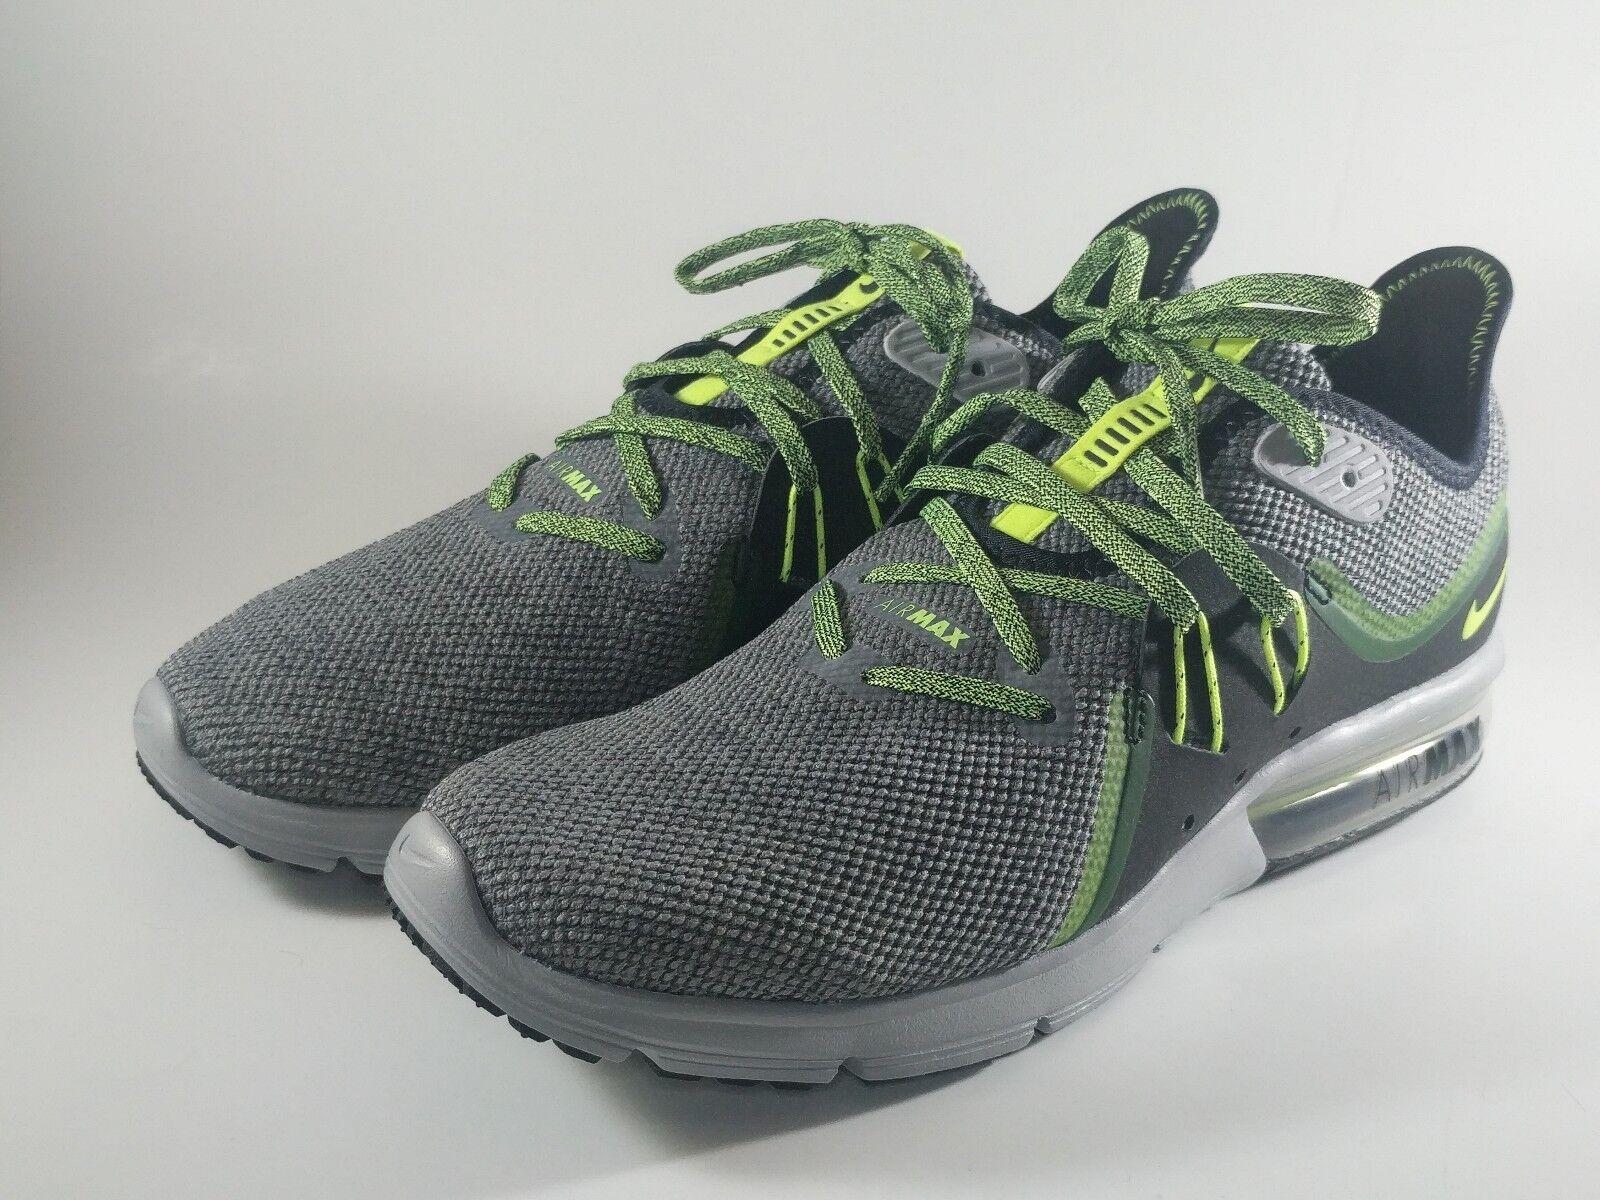 d73a1a43e0e8 Nike Air Air Air Max Sequent 3 921694-007 Running shoes Lifestyle shoes  Trainers Sz